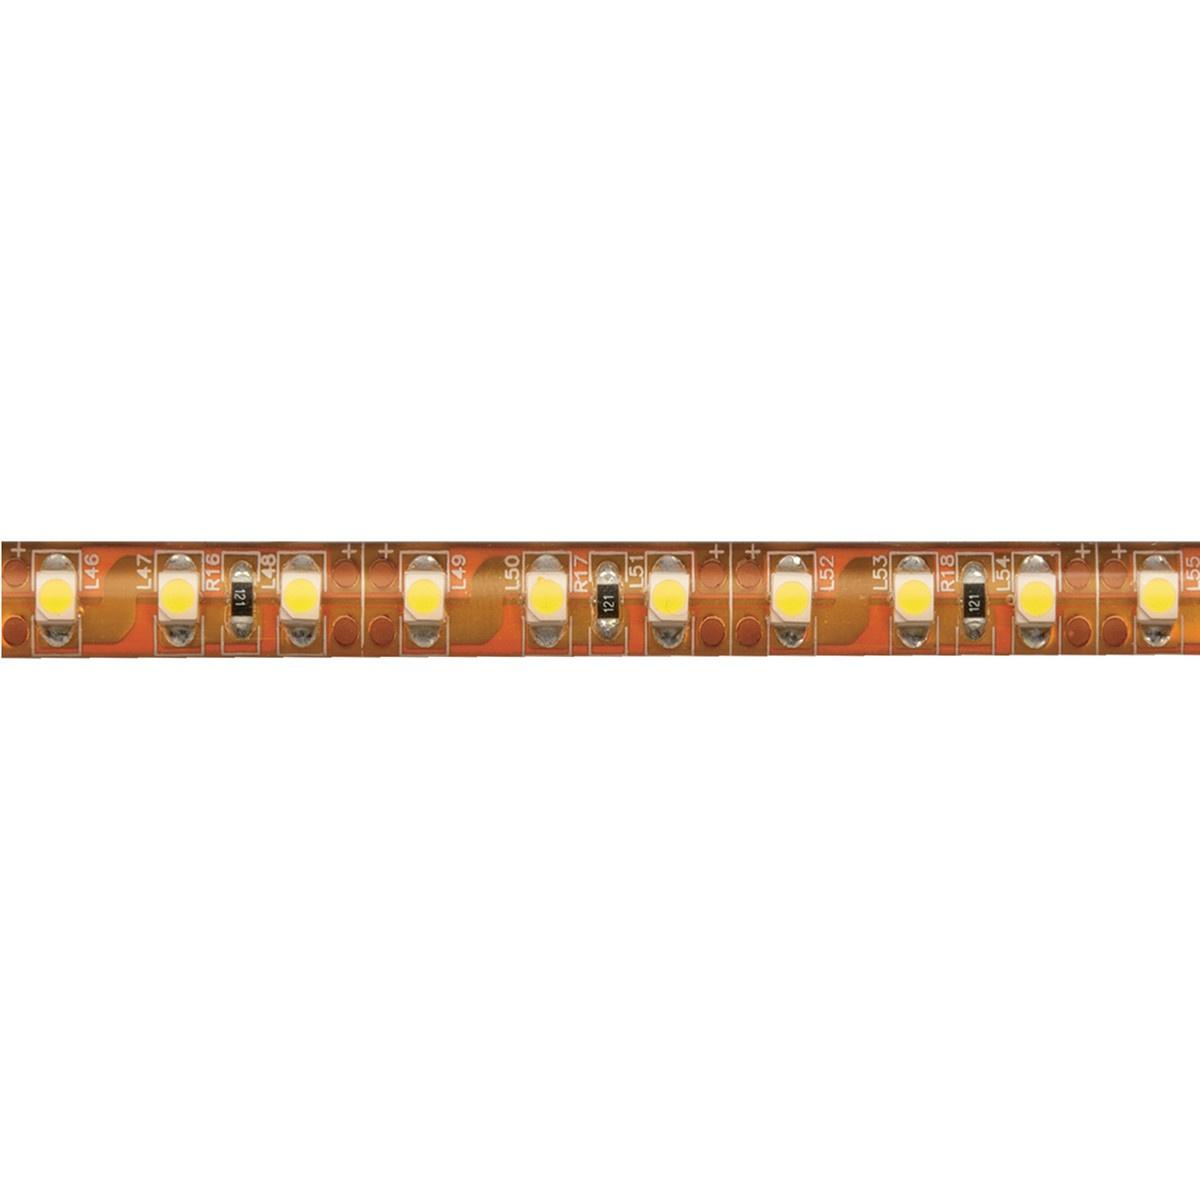 Светодиодная влагозащищенная лента Uniel (05488) 9,6W/m 120LED/m 3528SMD зеленый 5M ULS-3528-120LED/m-8mm-IP65-DC12V-9,6W/m-5M-GREEN все цены